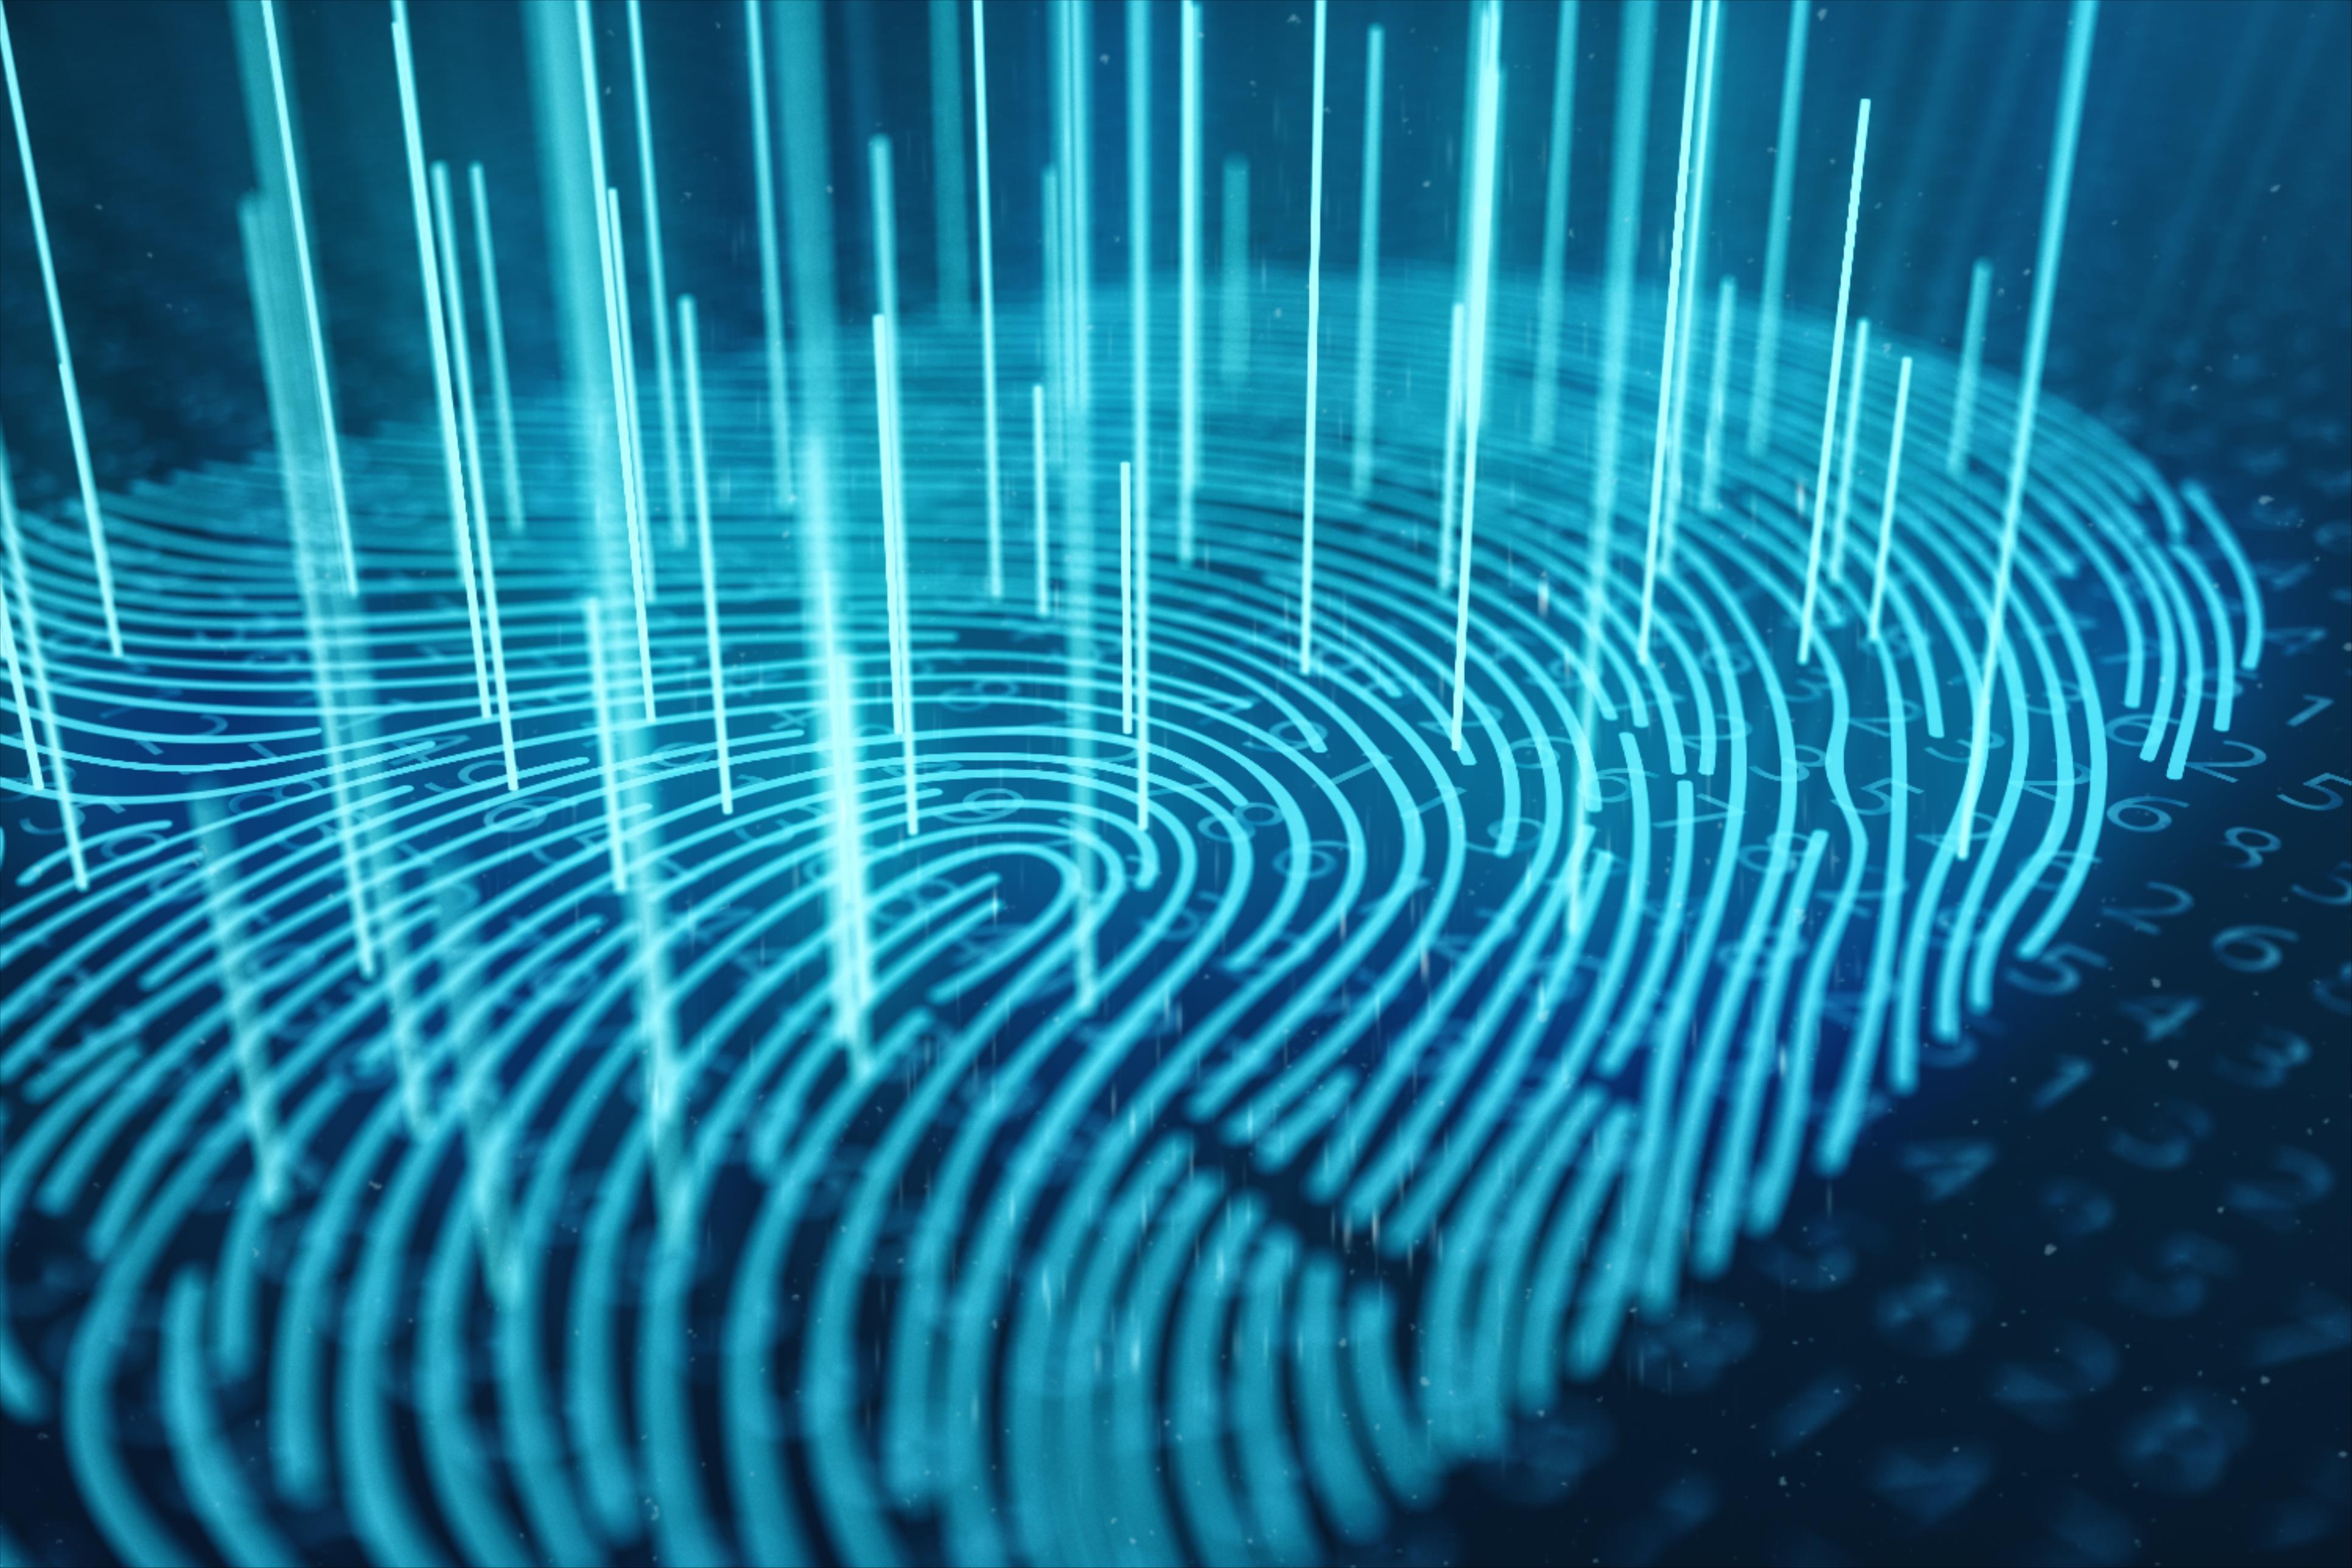 huella dactilar tecnología